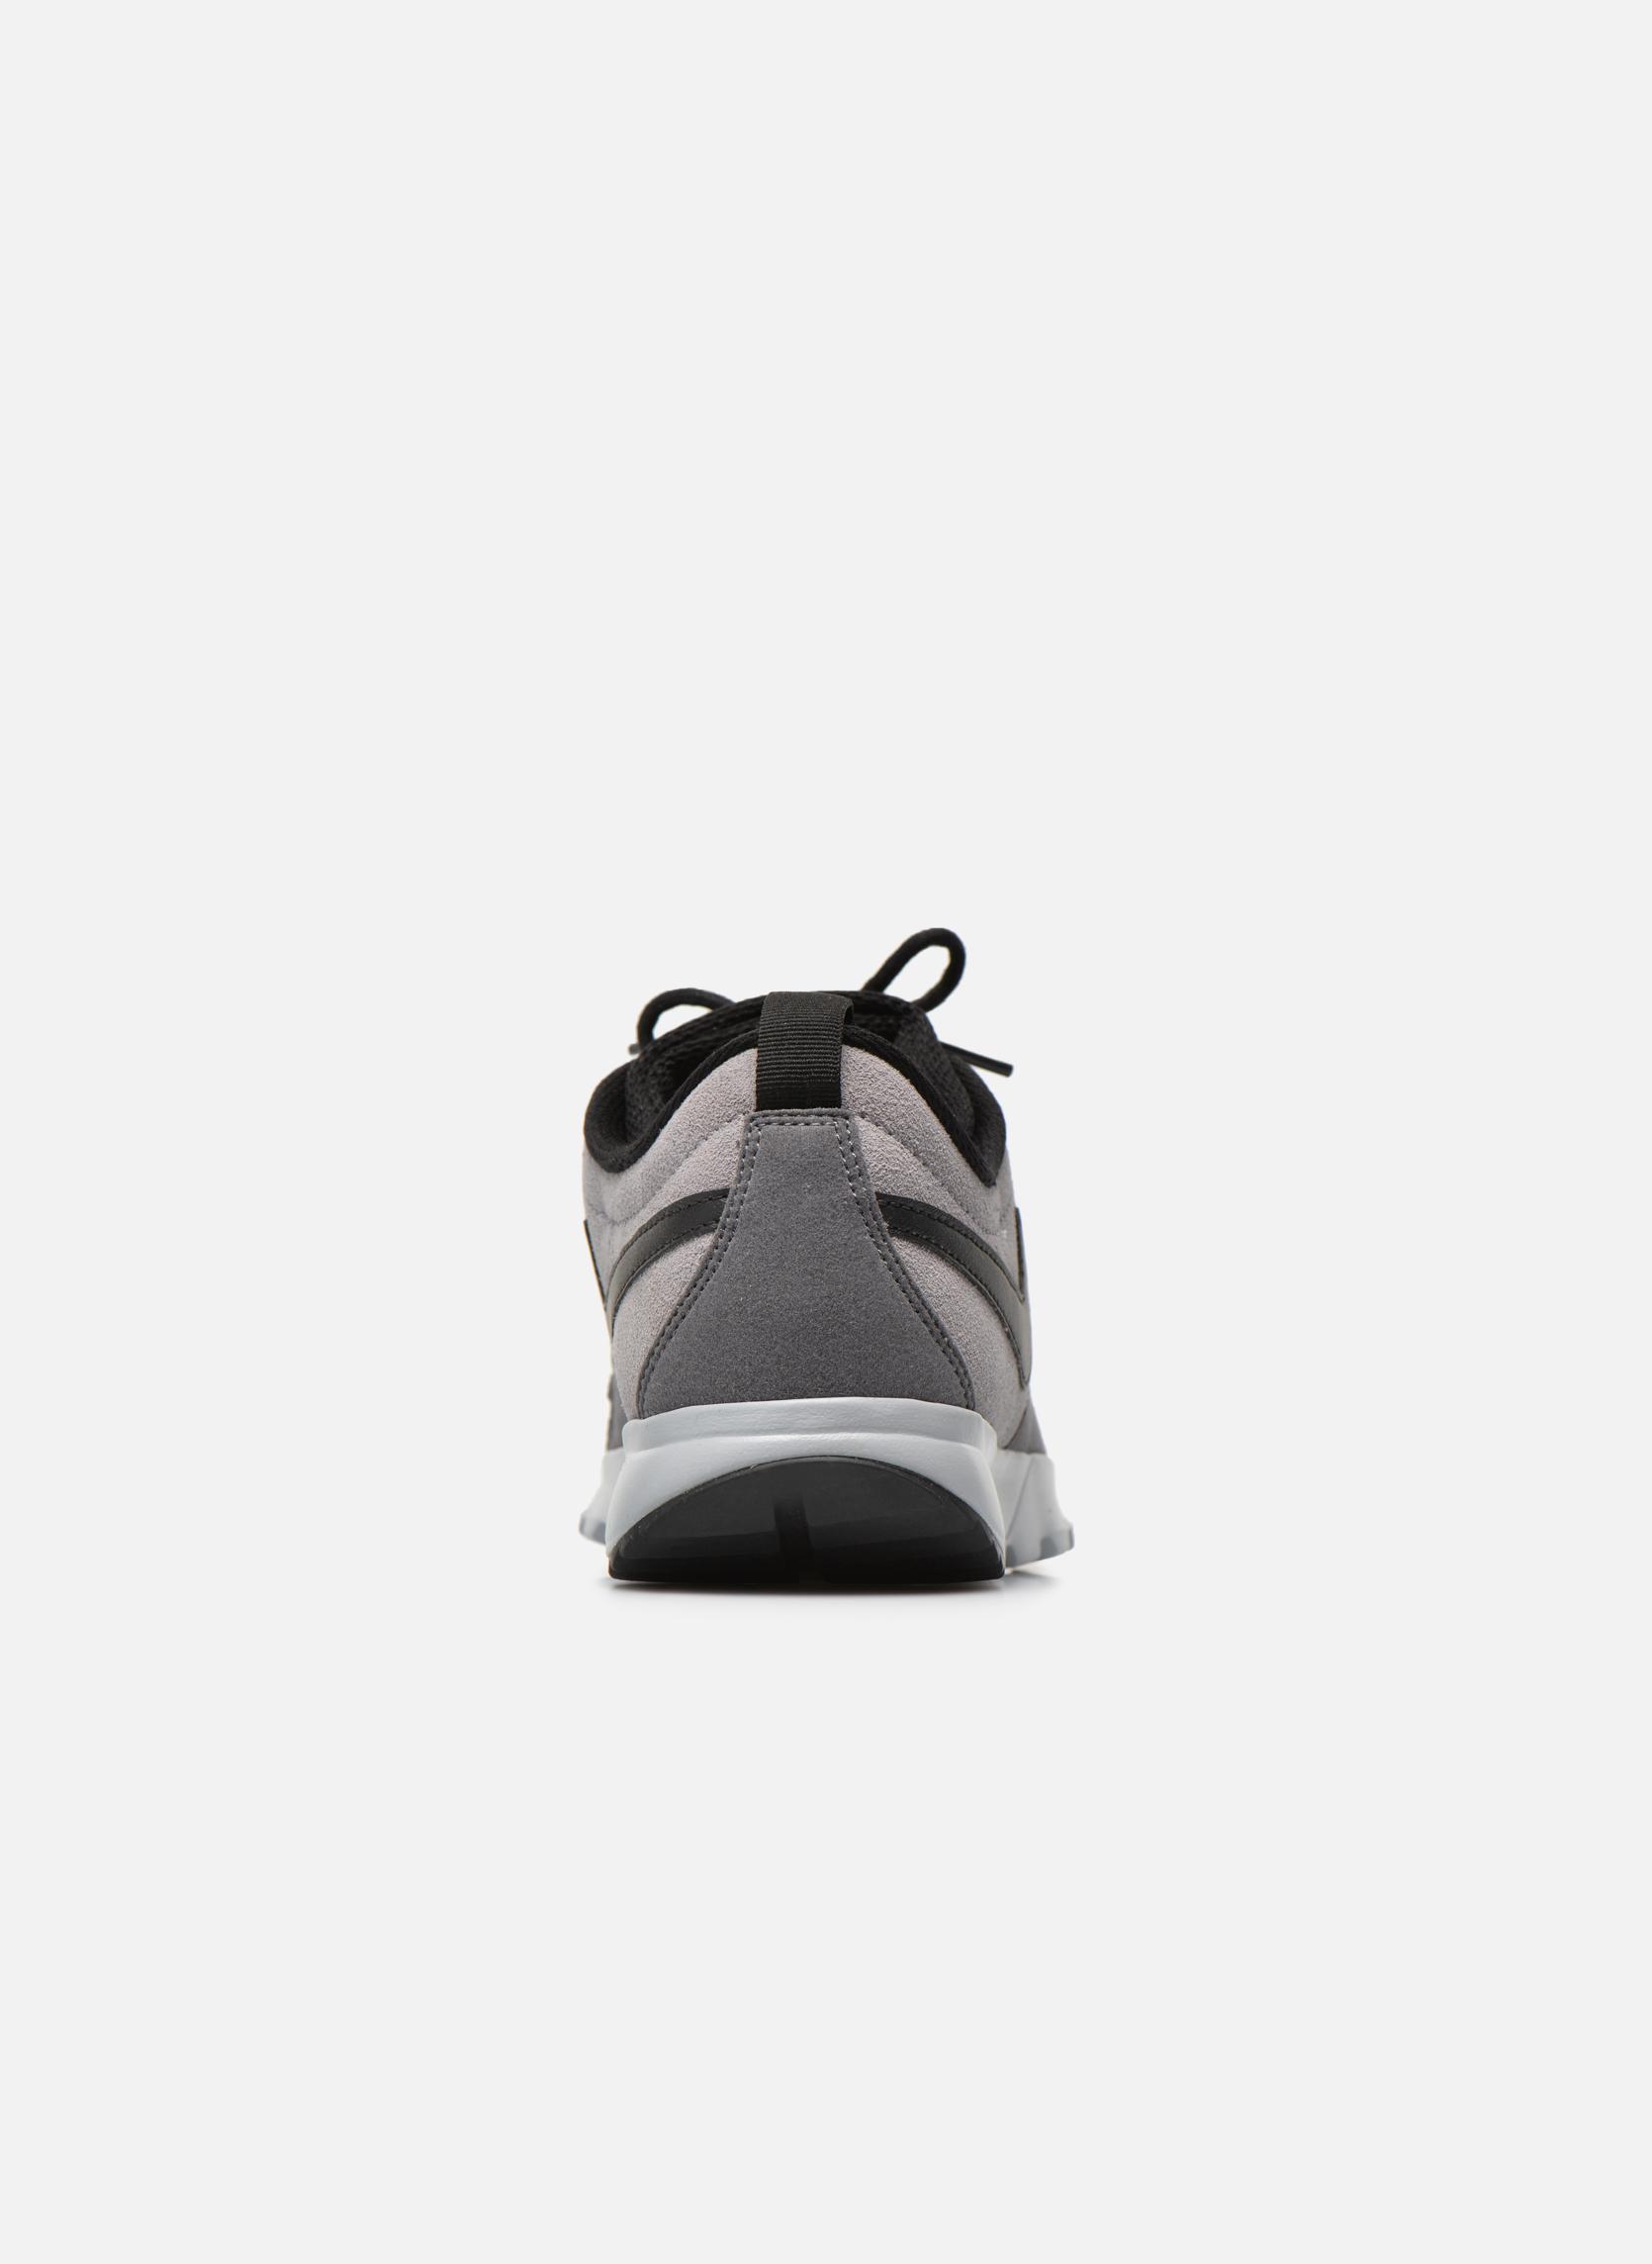 Chaussures de sport Nike Trainerendor L Gris vue droite